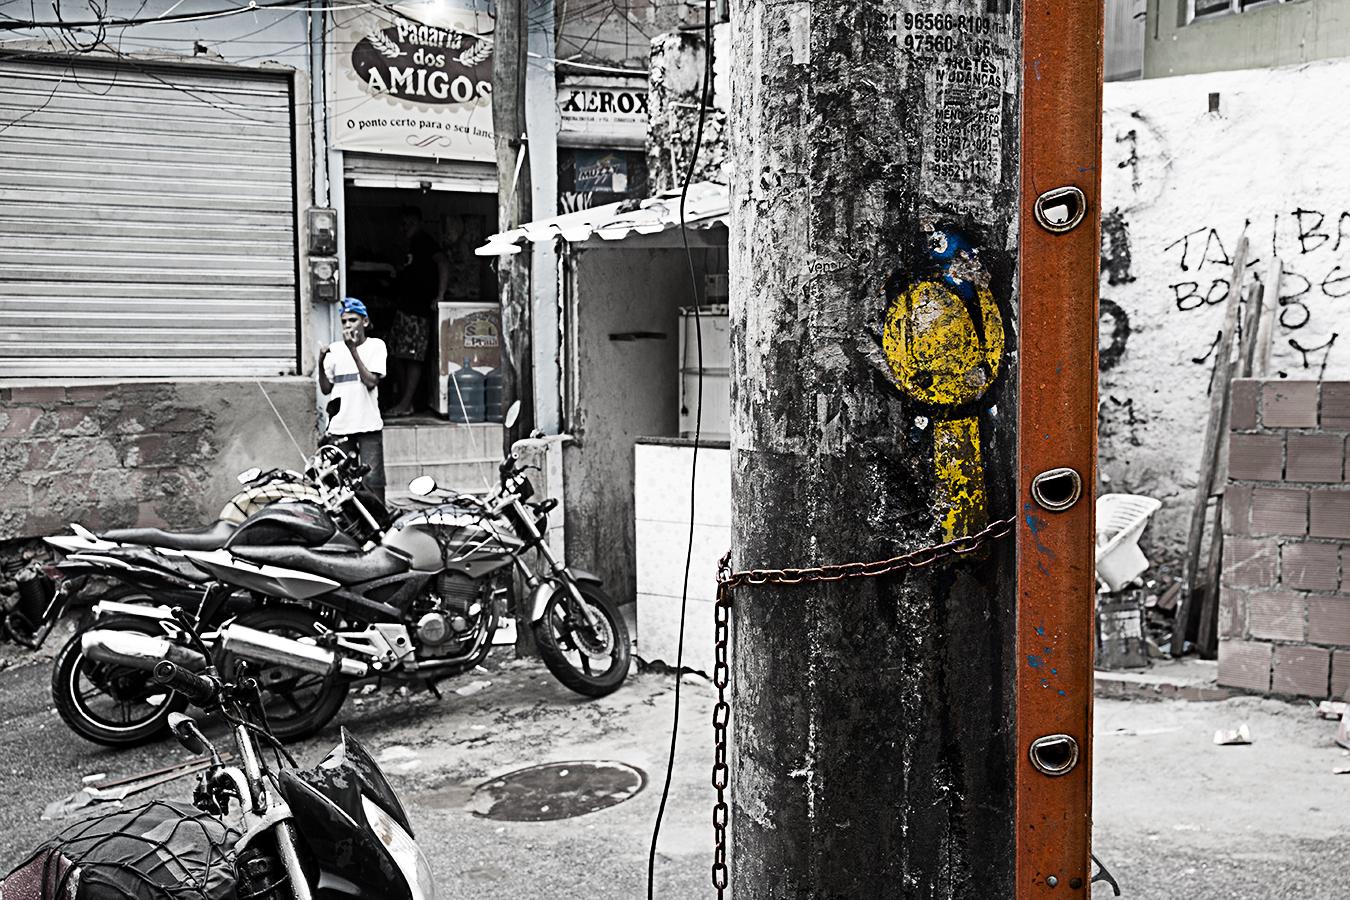 Rongrong Liu_Brazil_Rio de Janeiro_Farvela_Graffiti